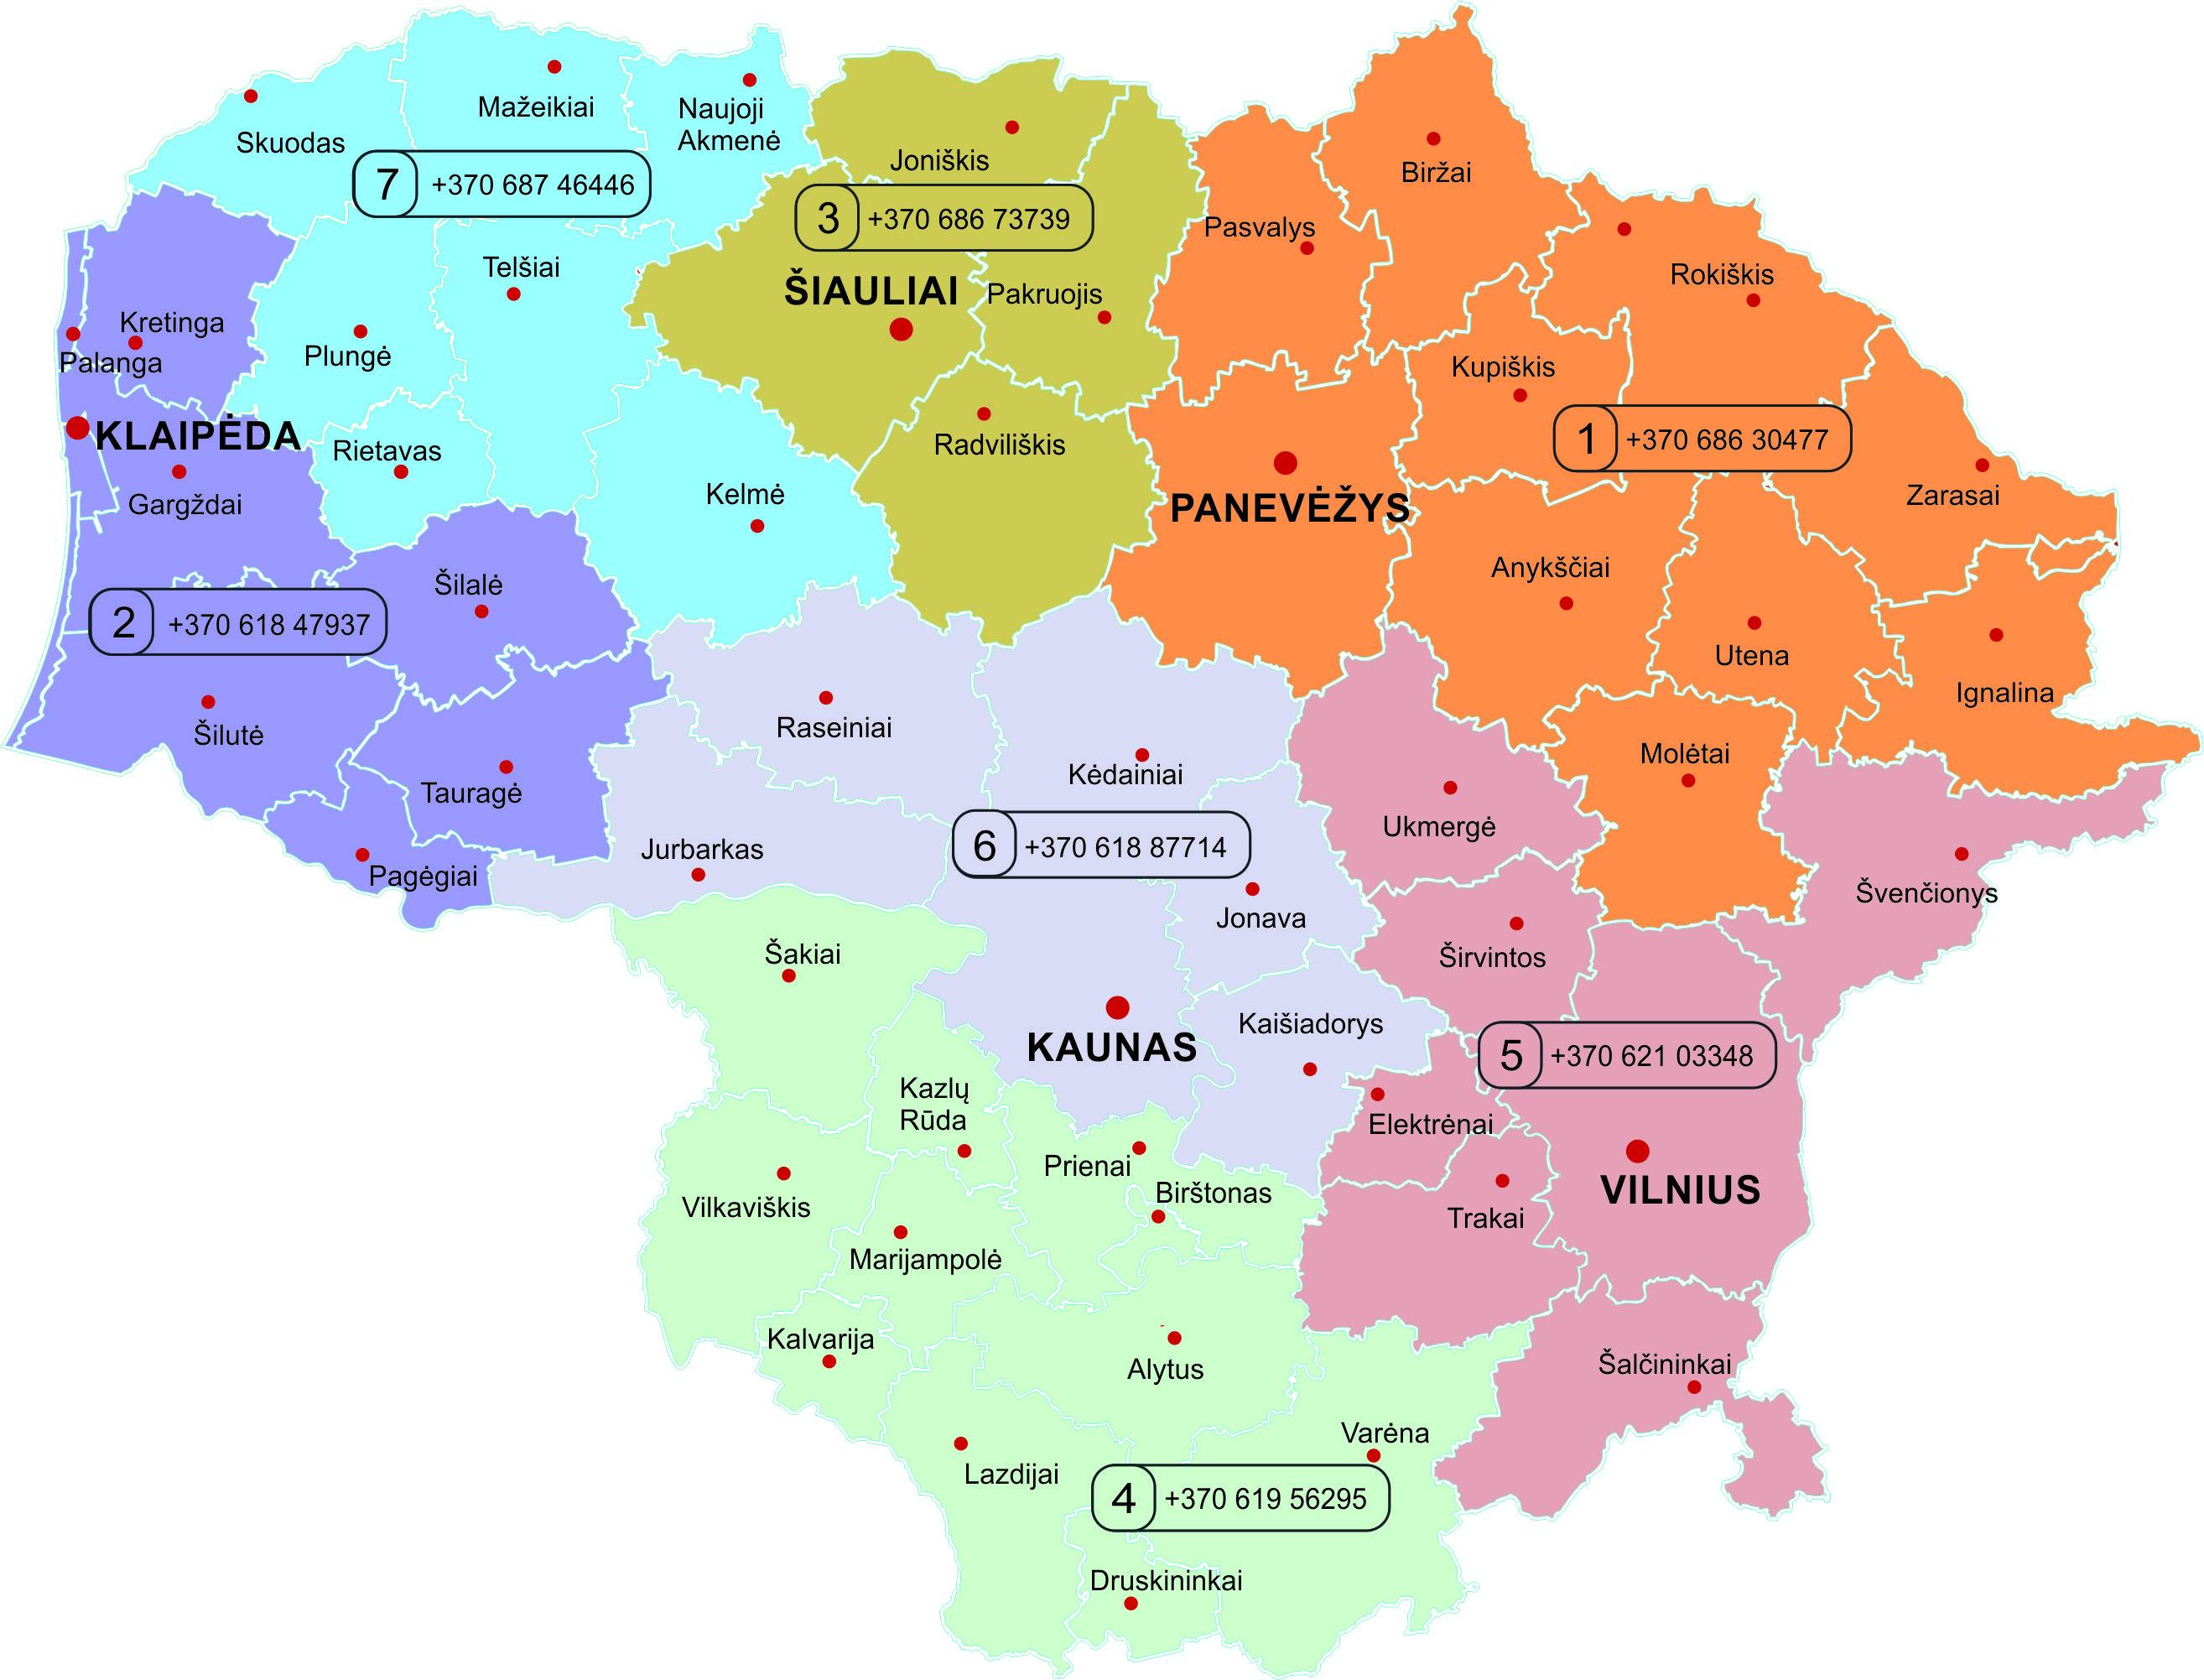 žemtiekimo_ŽŪT_Žemėlapis_2021_04